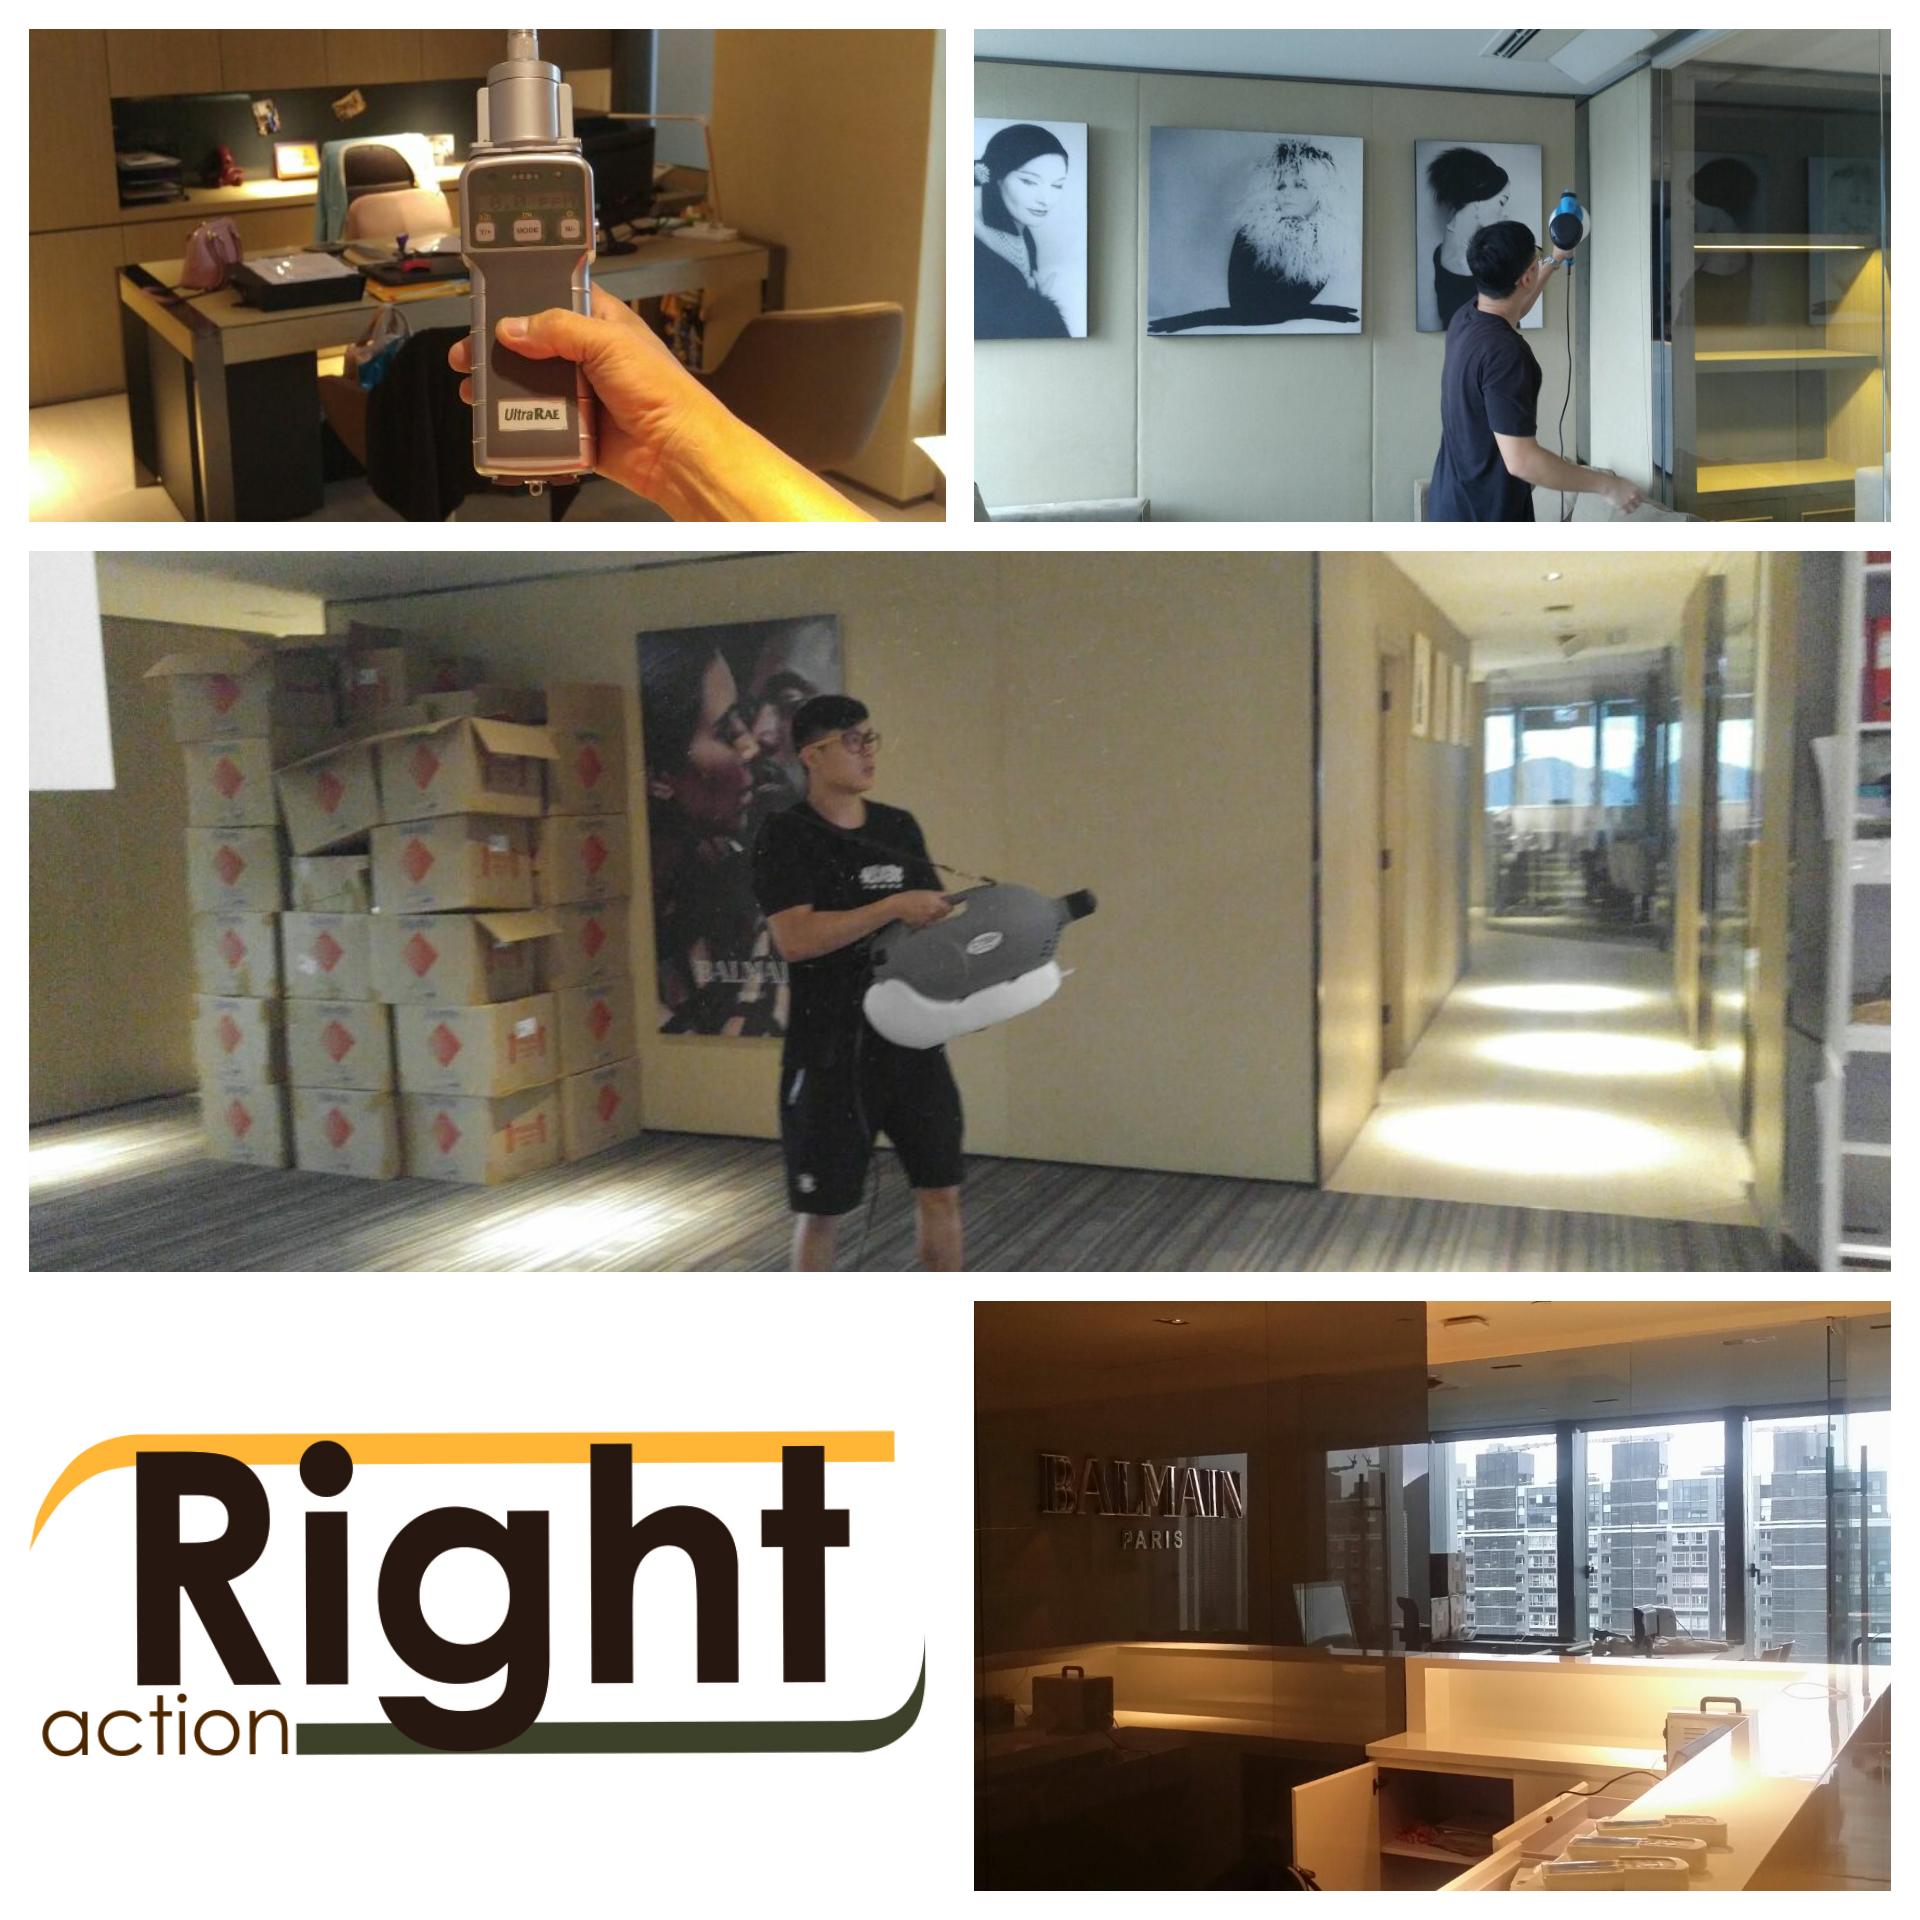 RIGHT ACTION_BALMAIN OFFICE